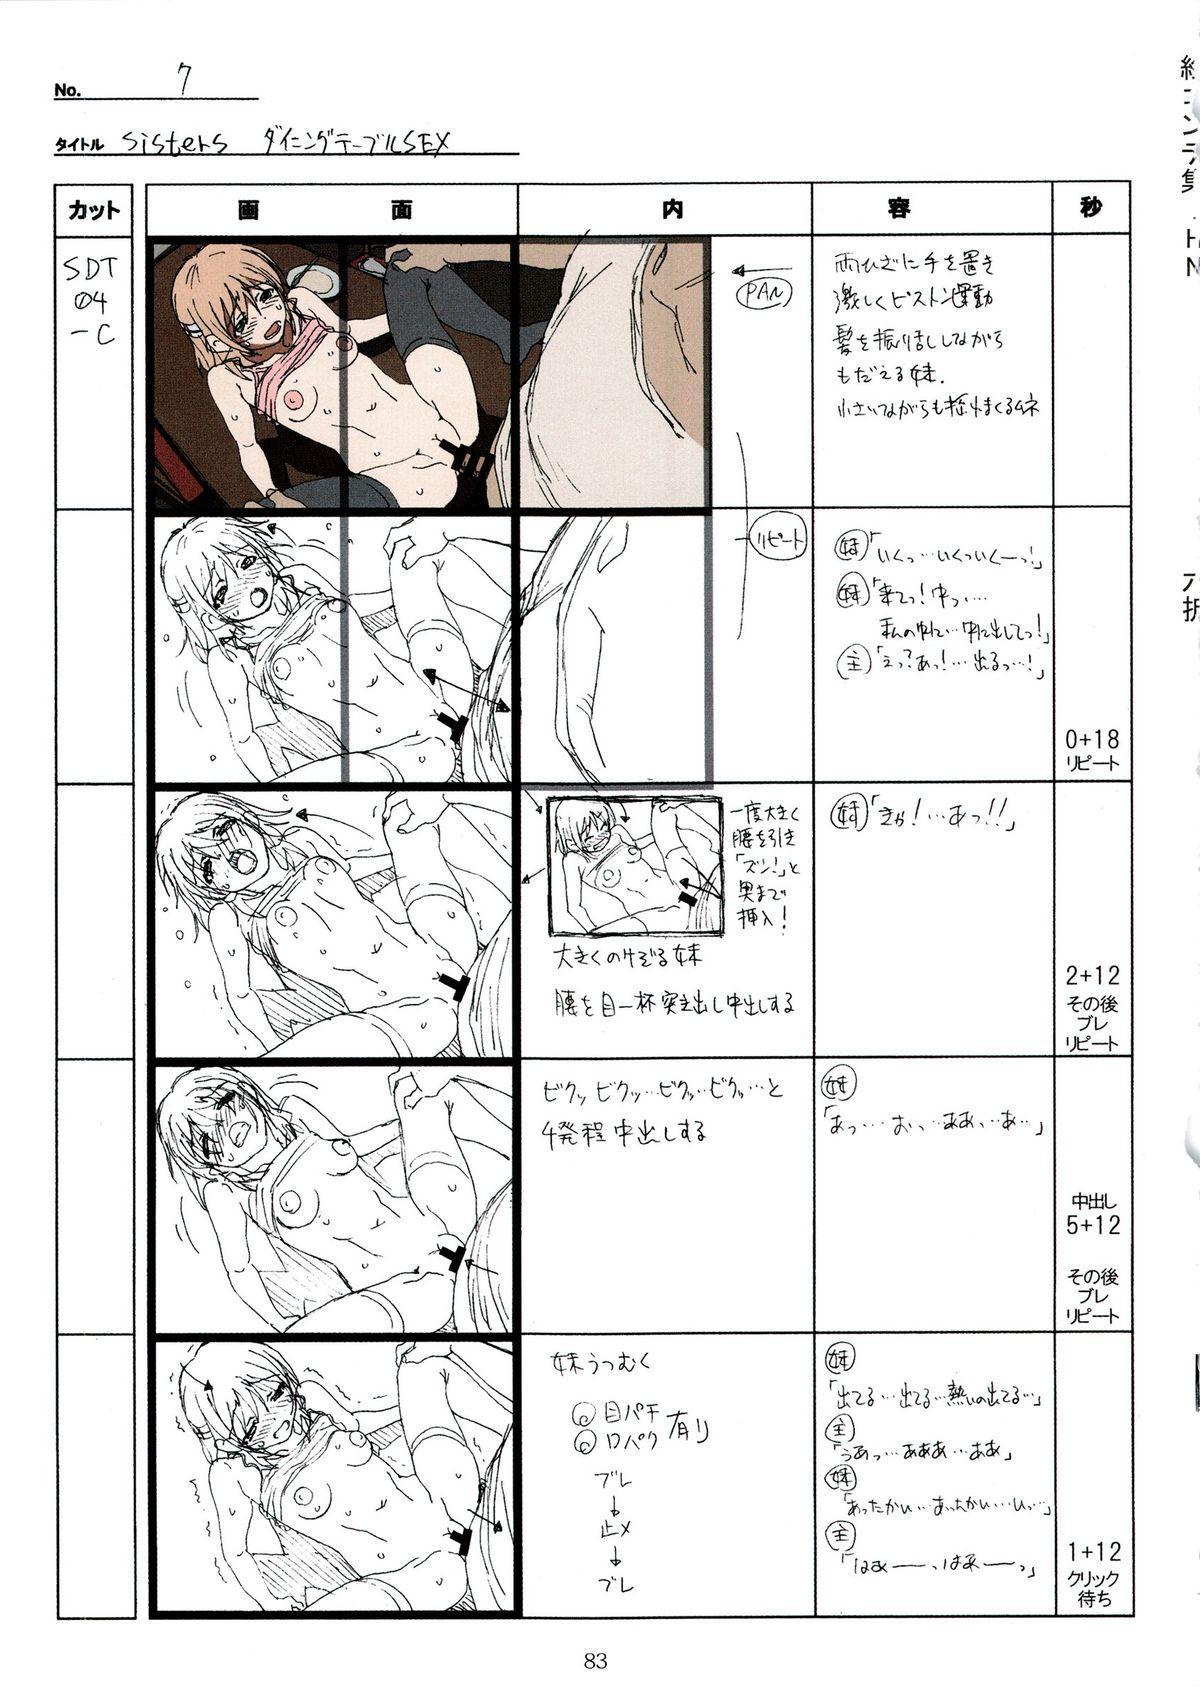 (C89) [Makino Jimusho (Taki Minashika)] SISTERS -Natsu no Saigo no Hi- H Scene All Part Storyboard (SISTERS -Natsu no Saigo no Hi-) 82